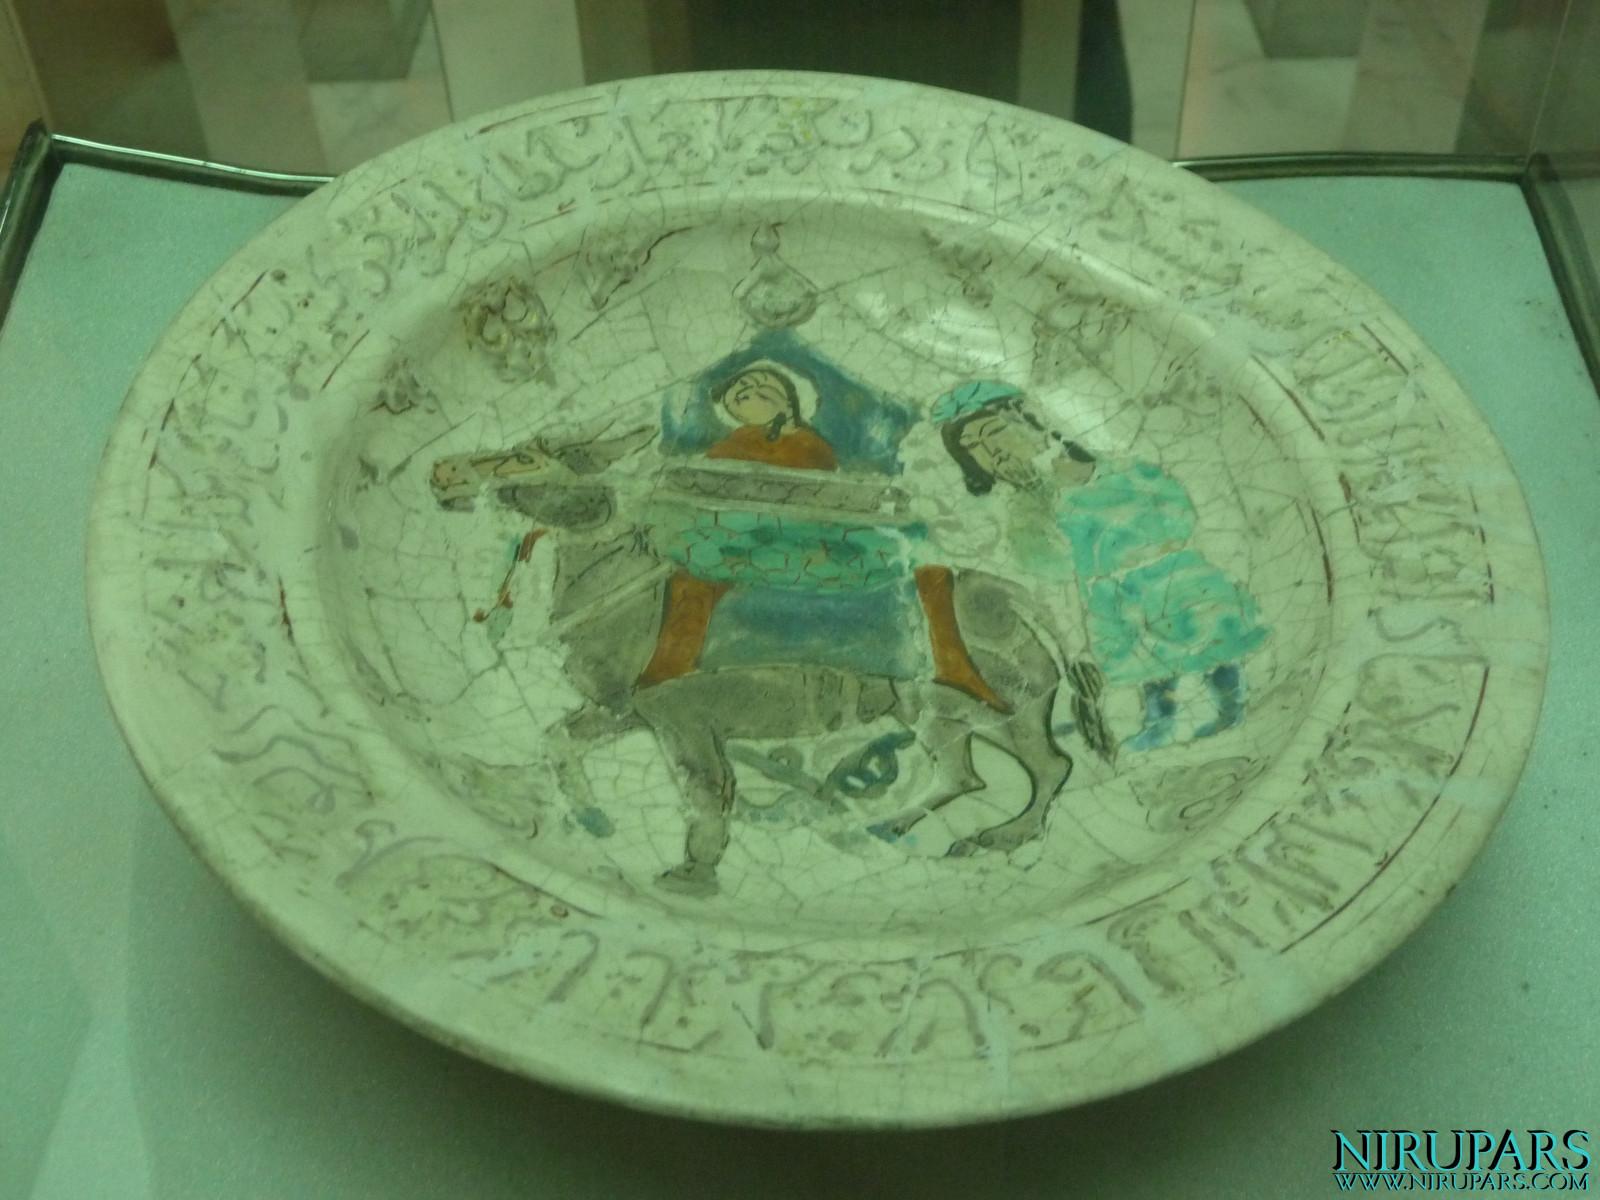 Glassware and Ceramic Museum - Plate Ceramic